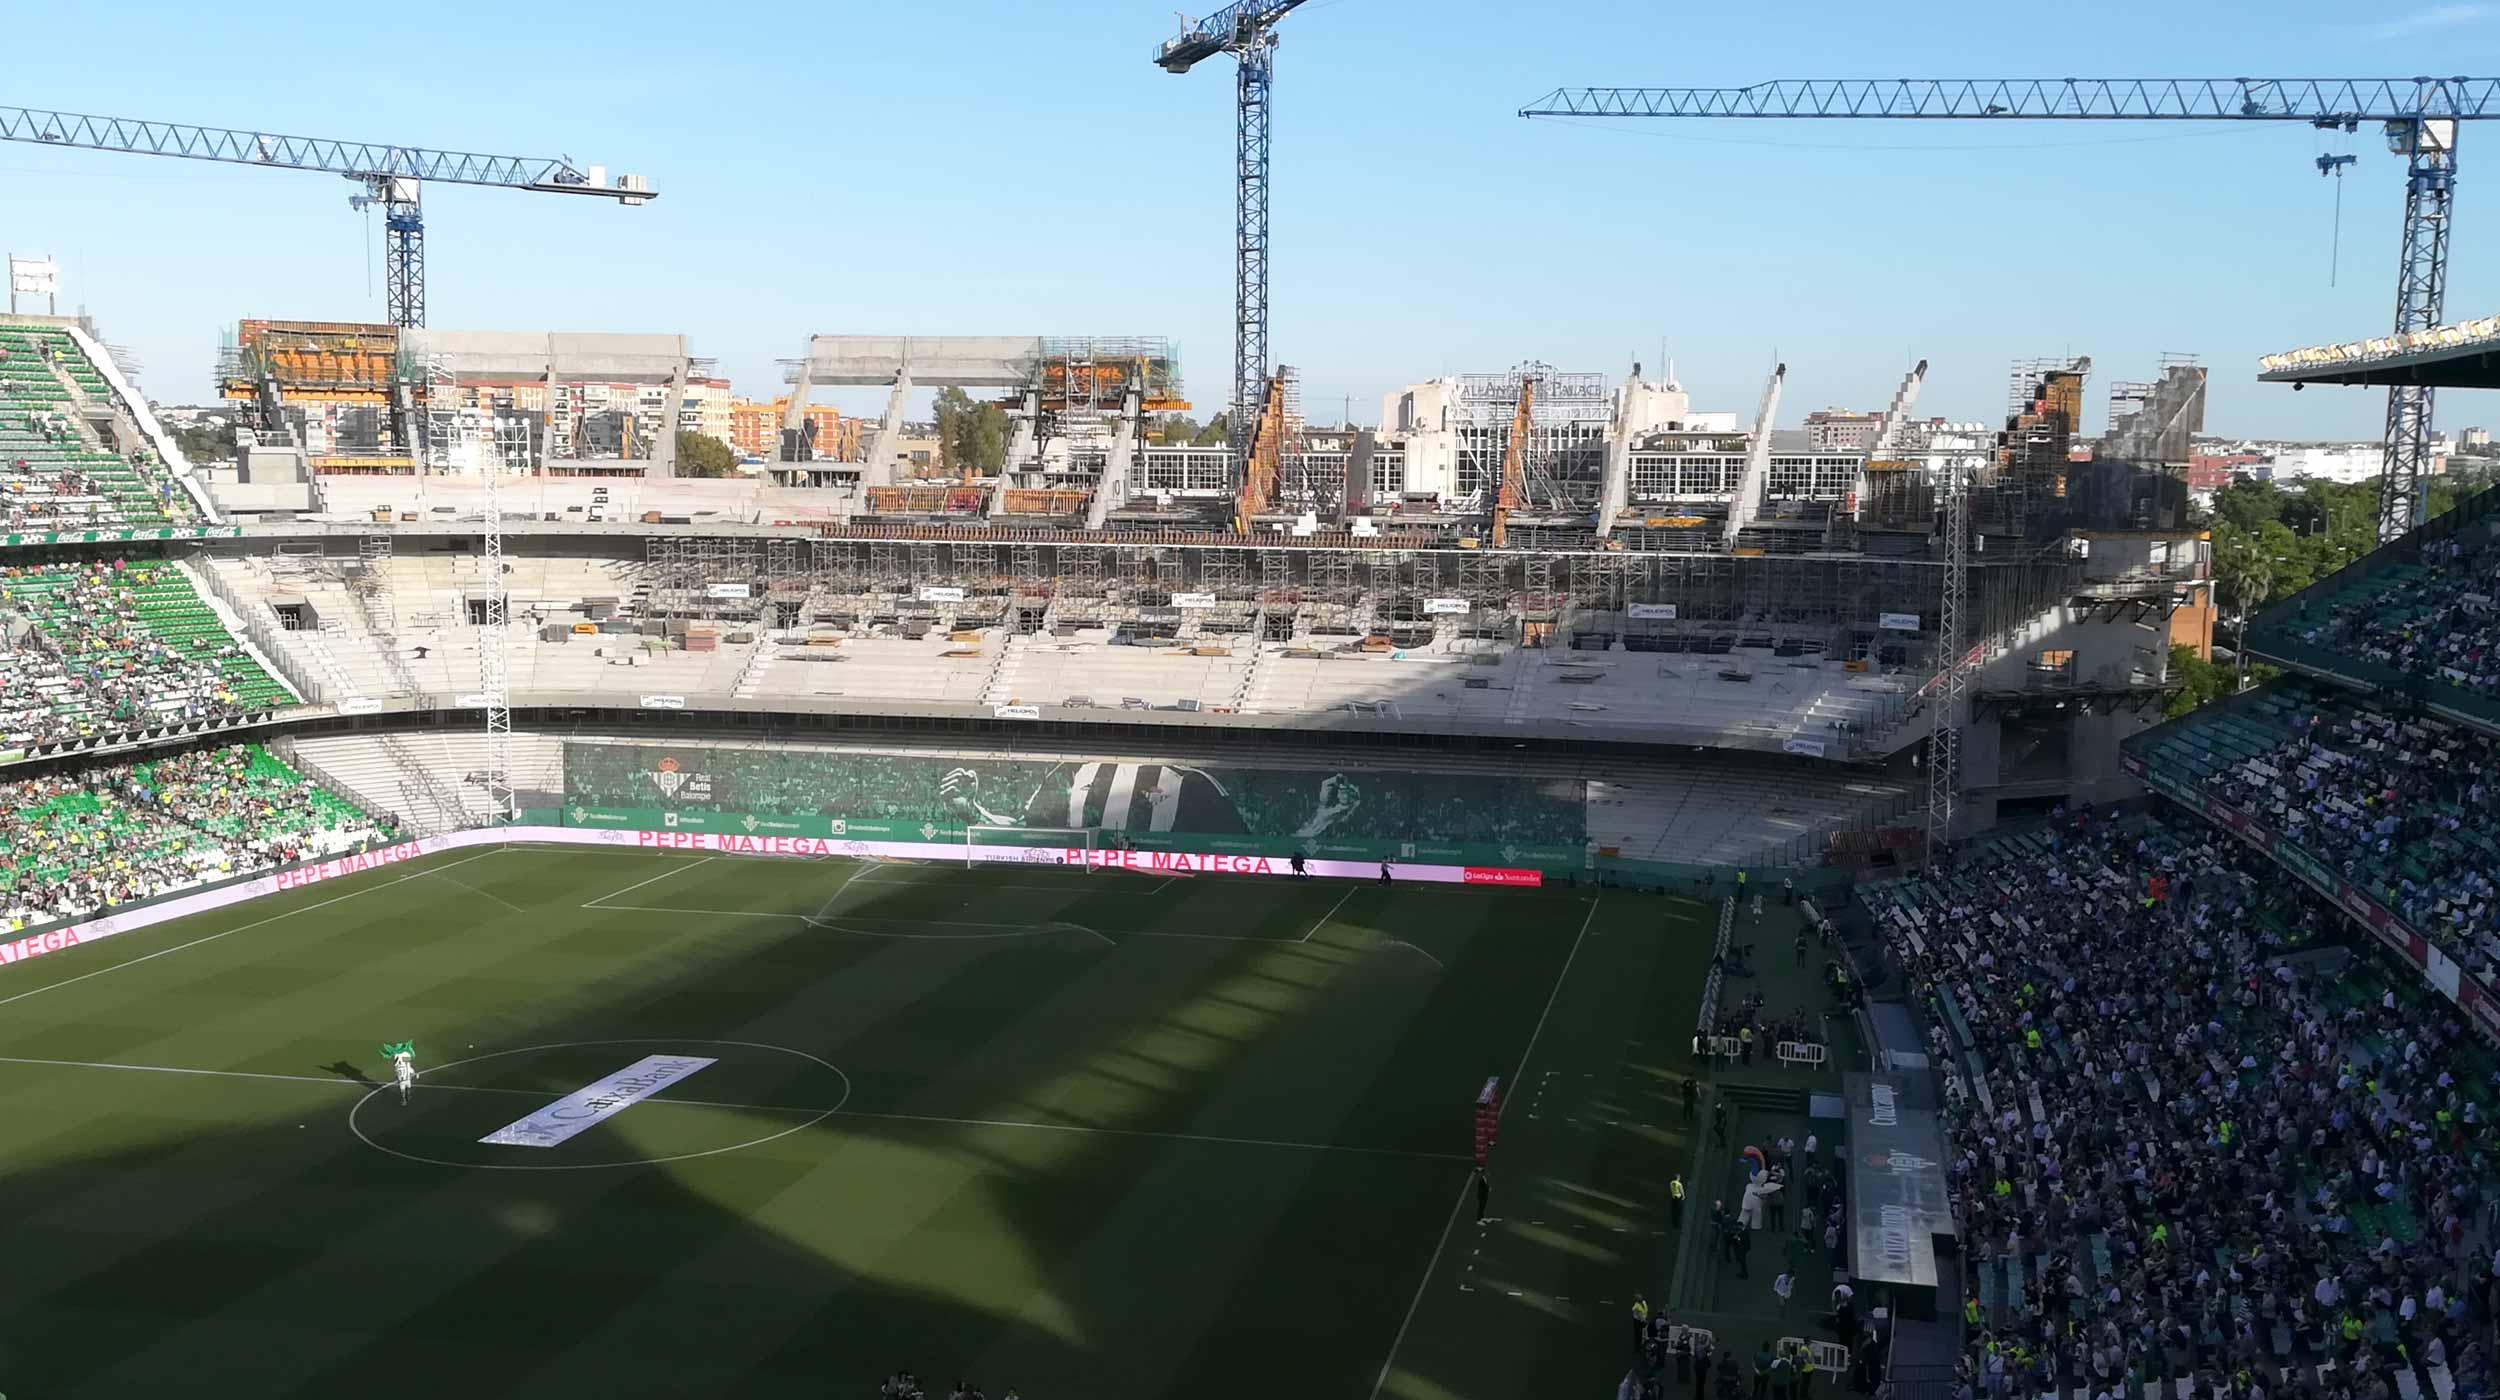 El proyecto comprende la construcción de la grada sur del Estadio Benito Villamarín en Sevilla.